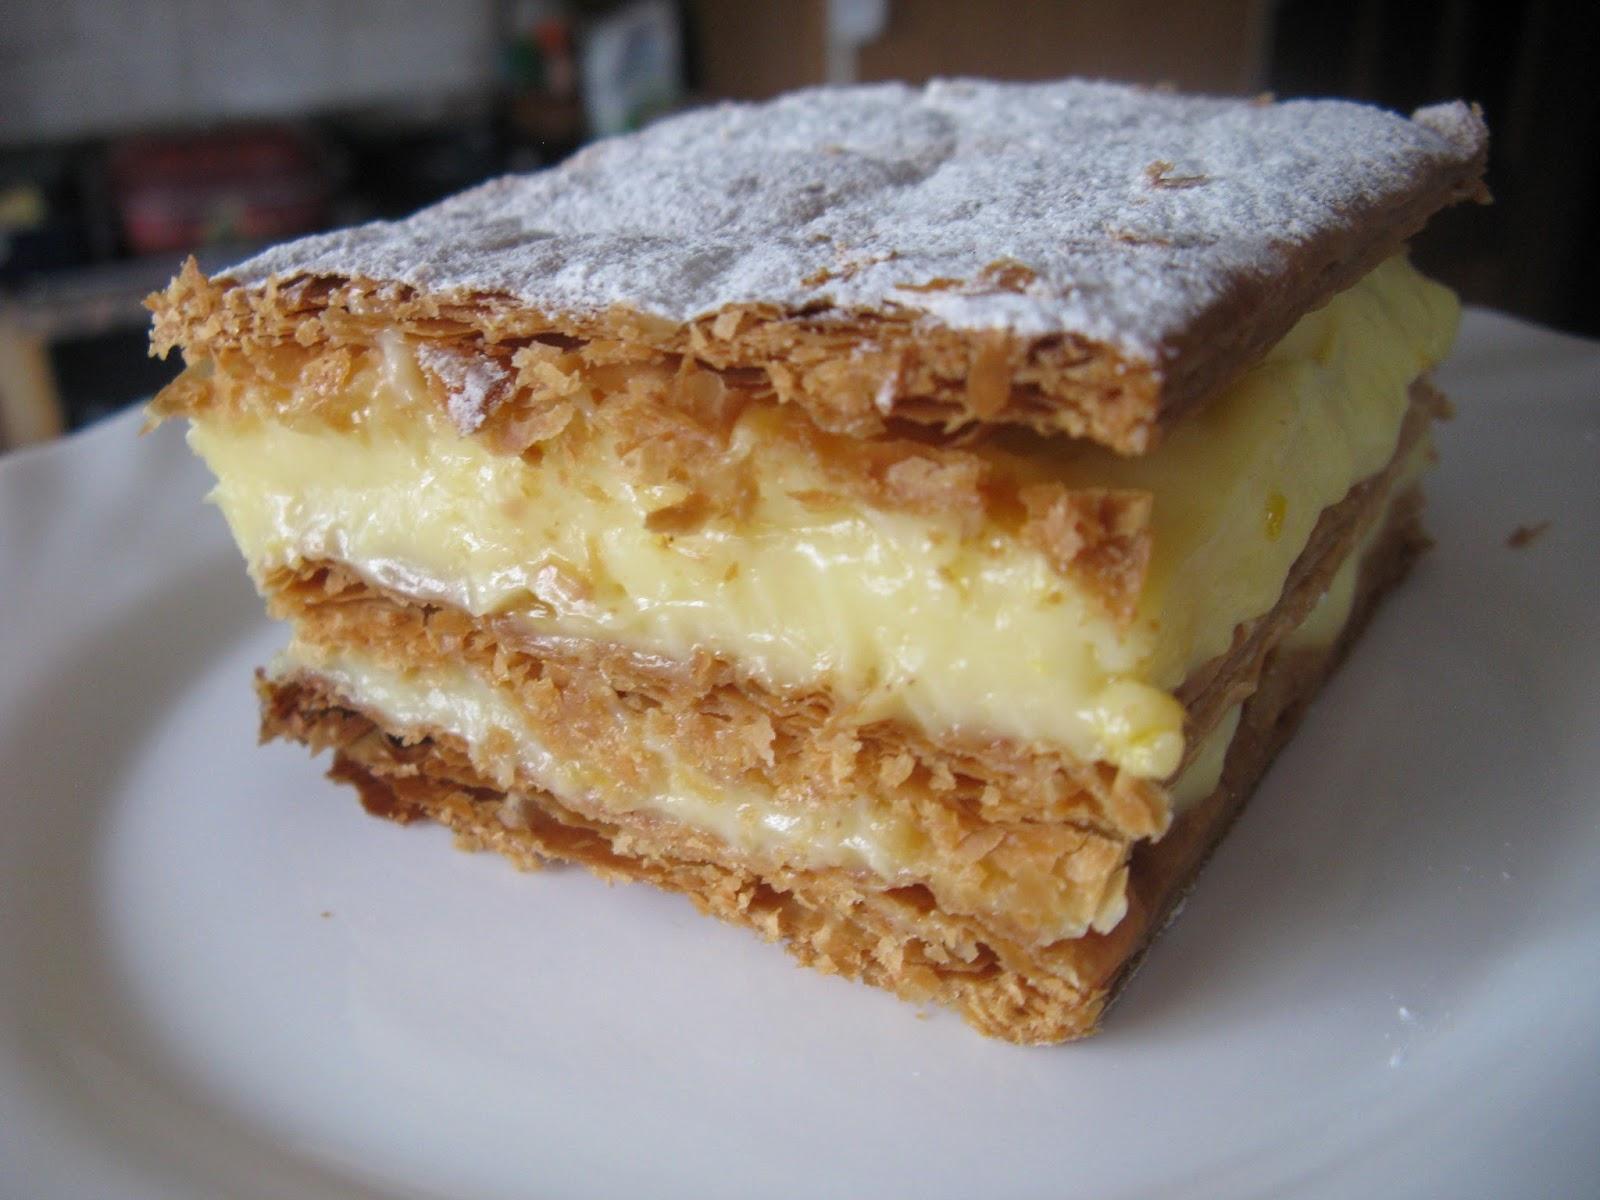 El rincn de casa el caminero mers asturias crema pastelera milhojas de crema pastelera altavistaventures Choice Image